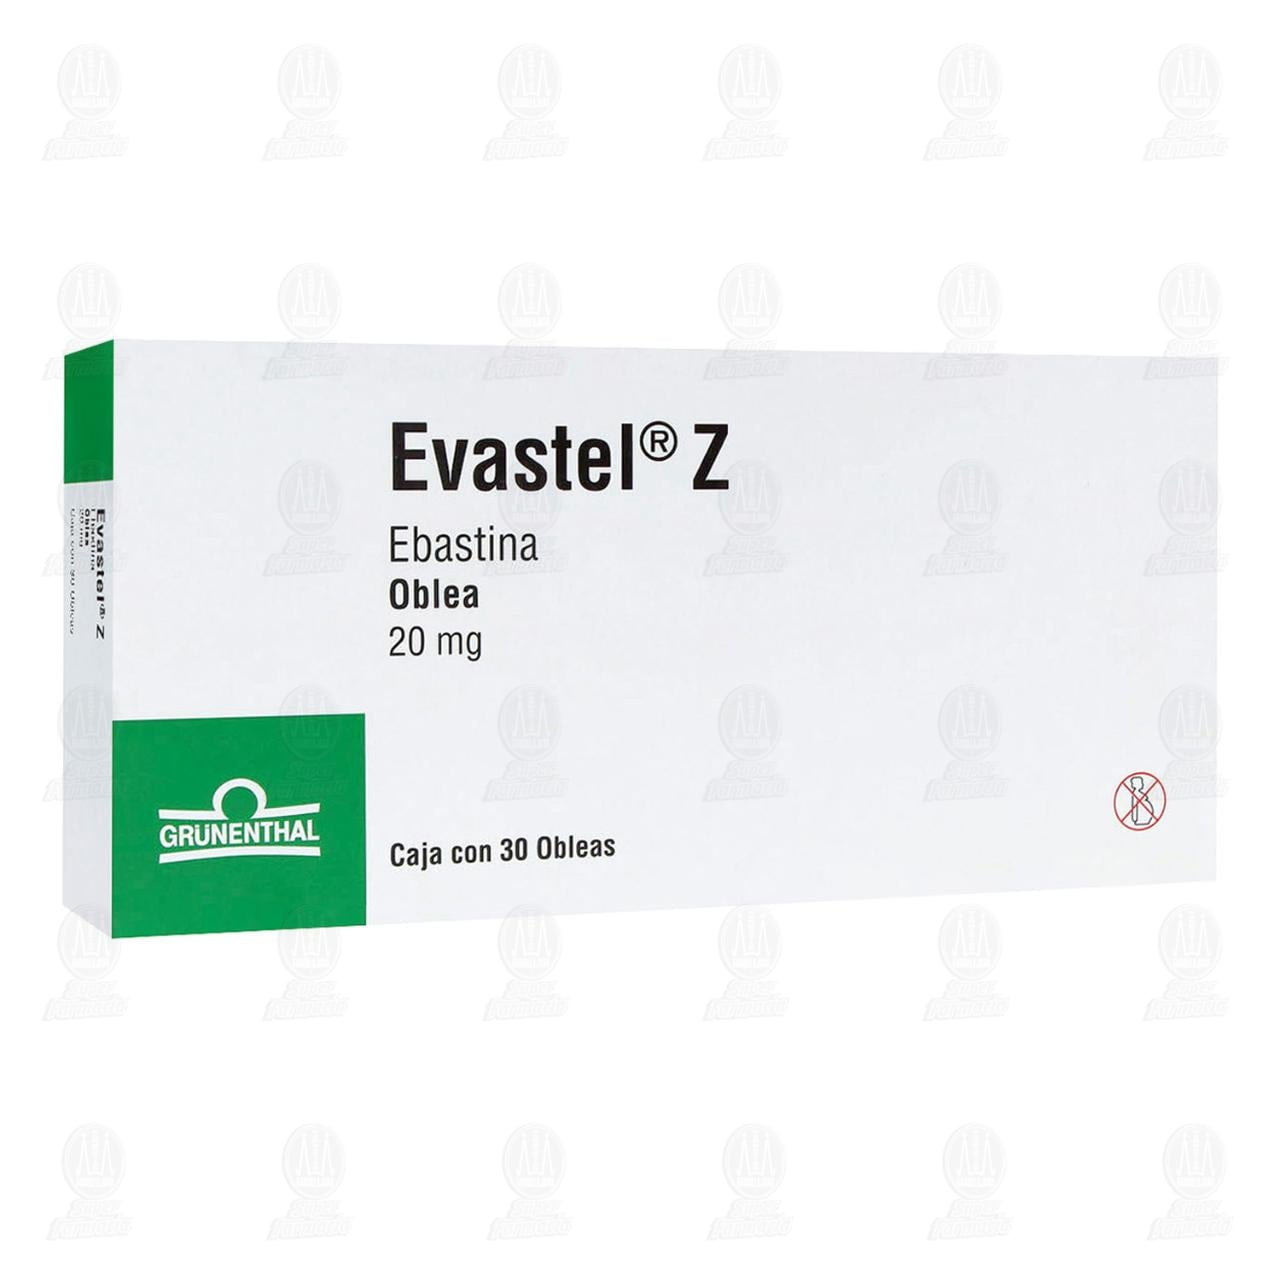 Comprar Evastel Z 20mg 30 Obleas en Farmacias Guadalajara